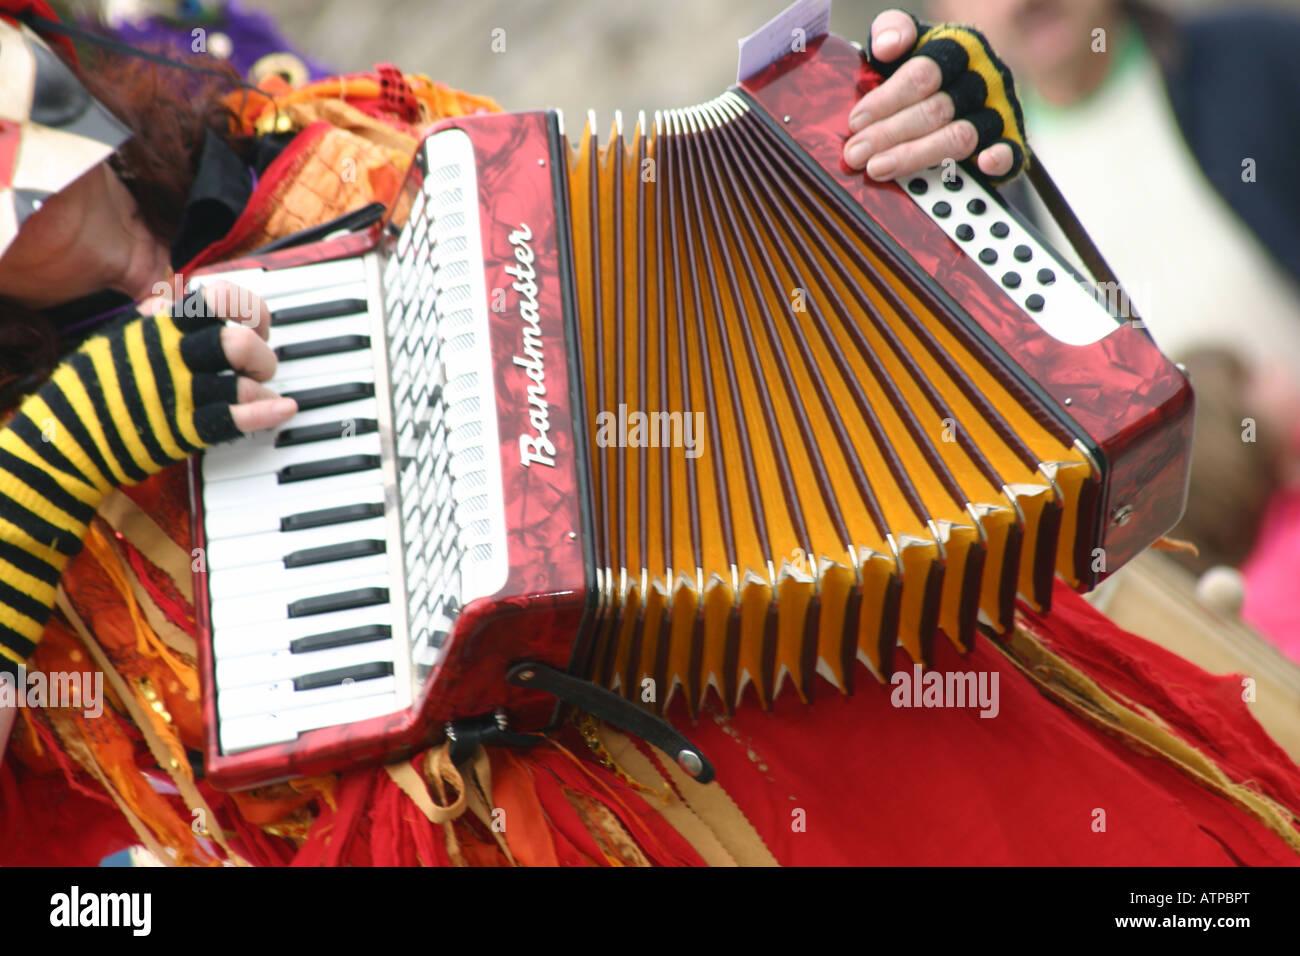 Festival les socs morris accordéon musicien joueur Photo Stock